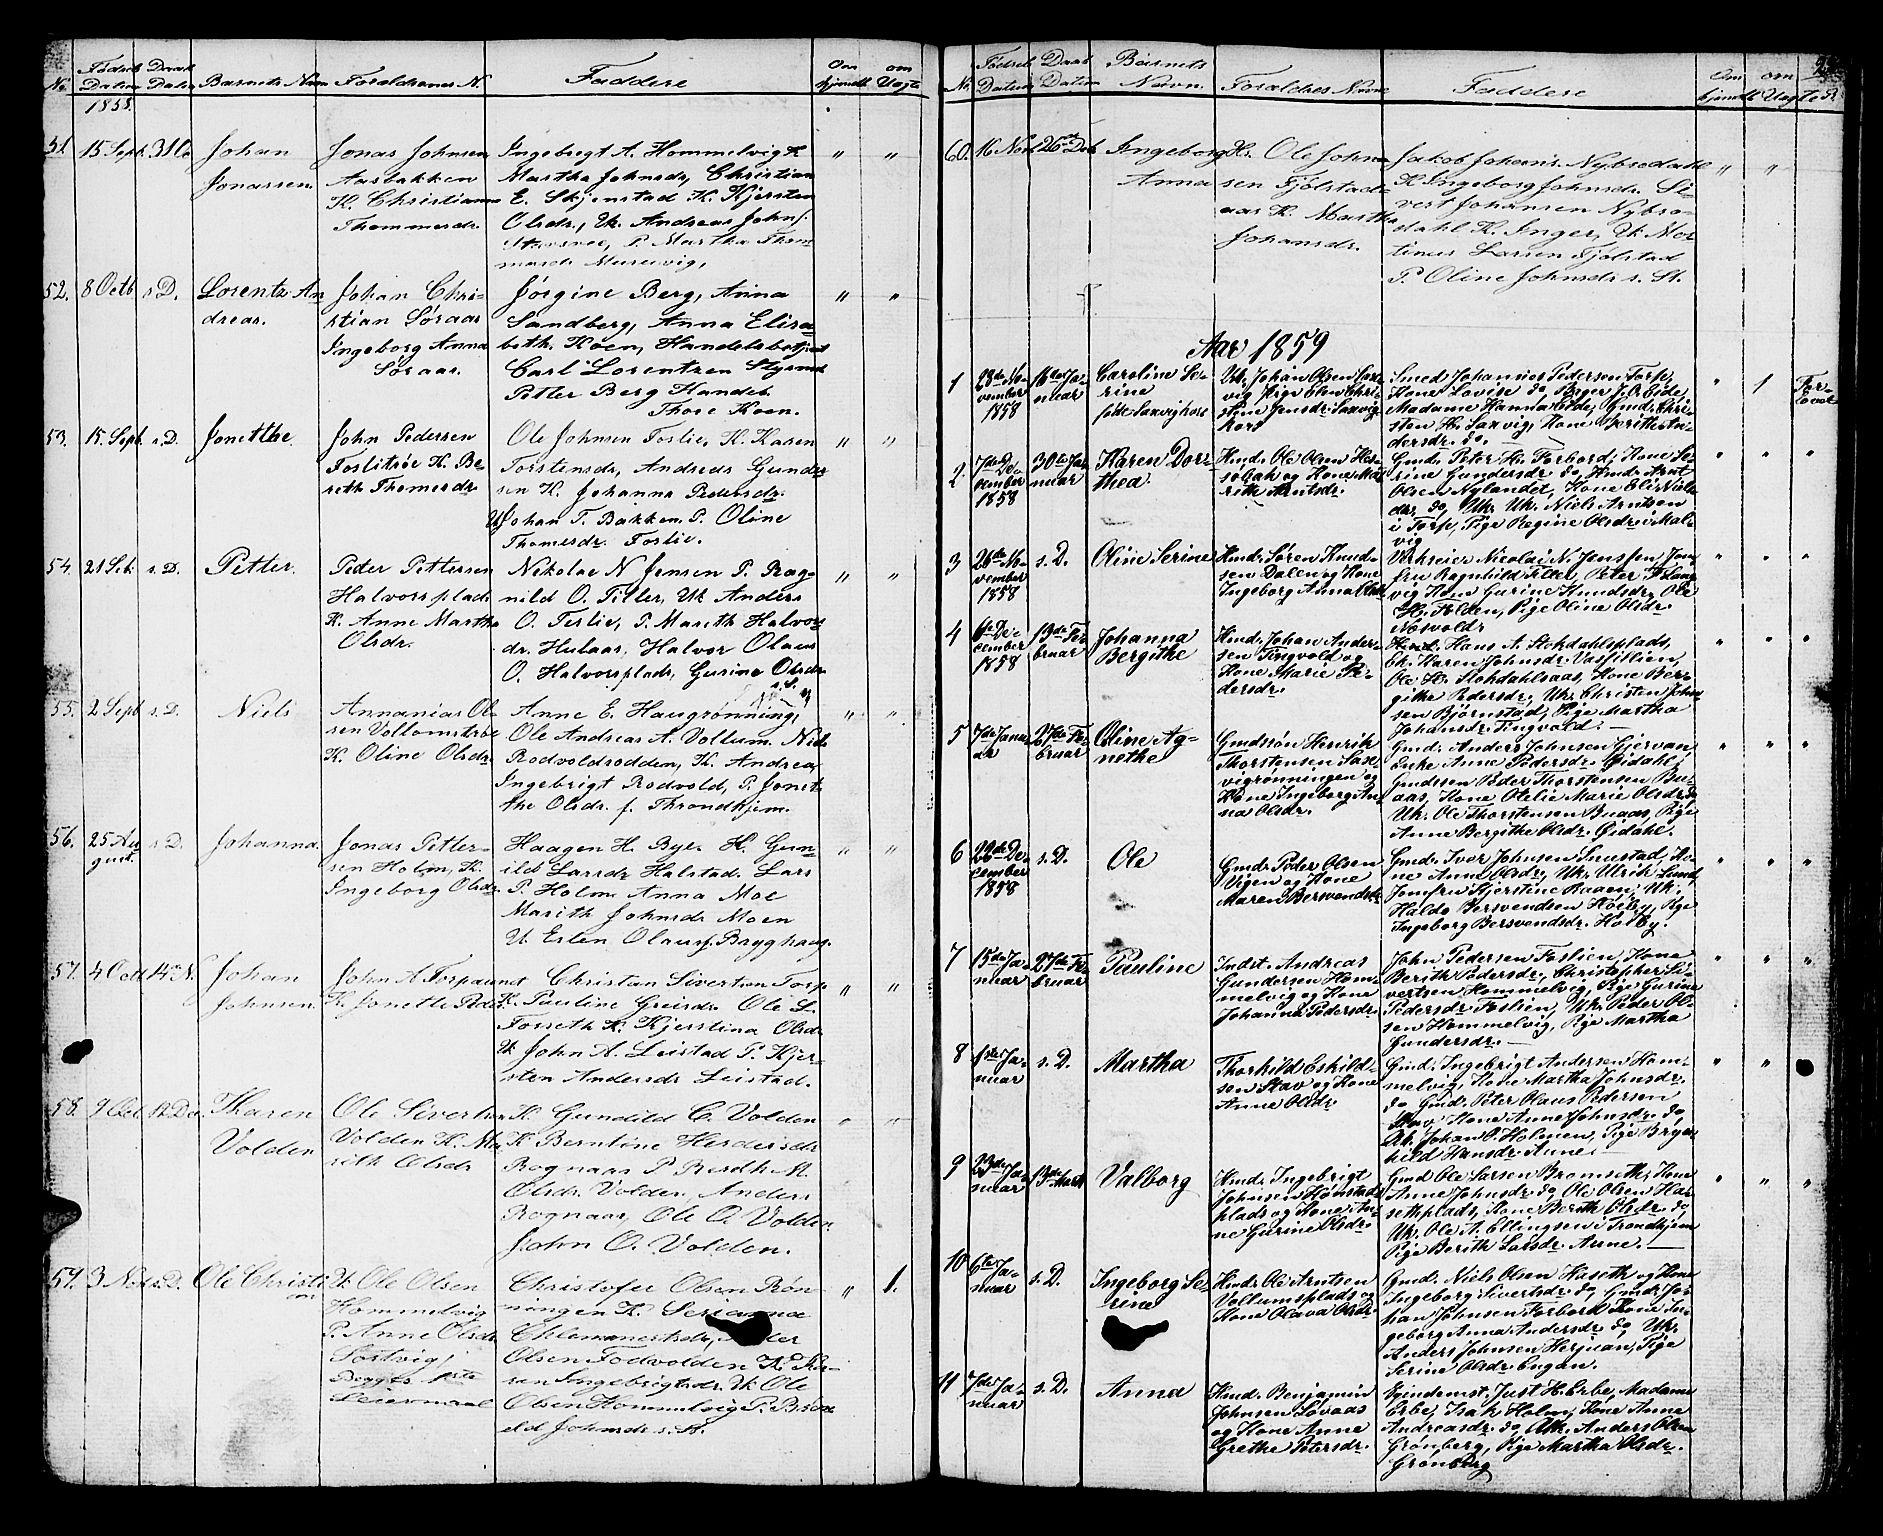 SAT, Ministerialprotokoller, klokkerbøker og fødselsregistre - Sør-Trøndelag, 616/L0422: Klokkerbok nr. 616C05, 1850-1888, s. 22